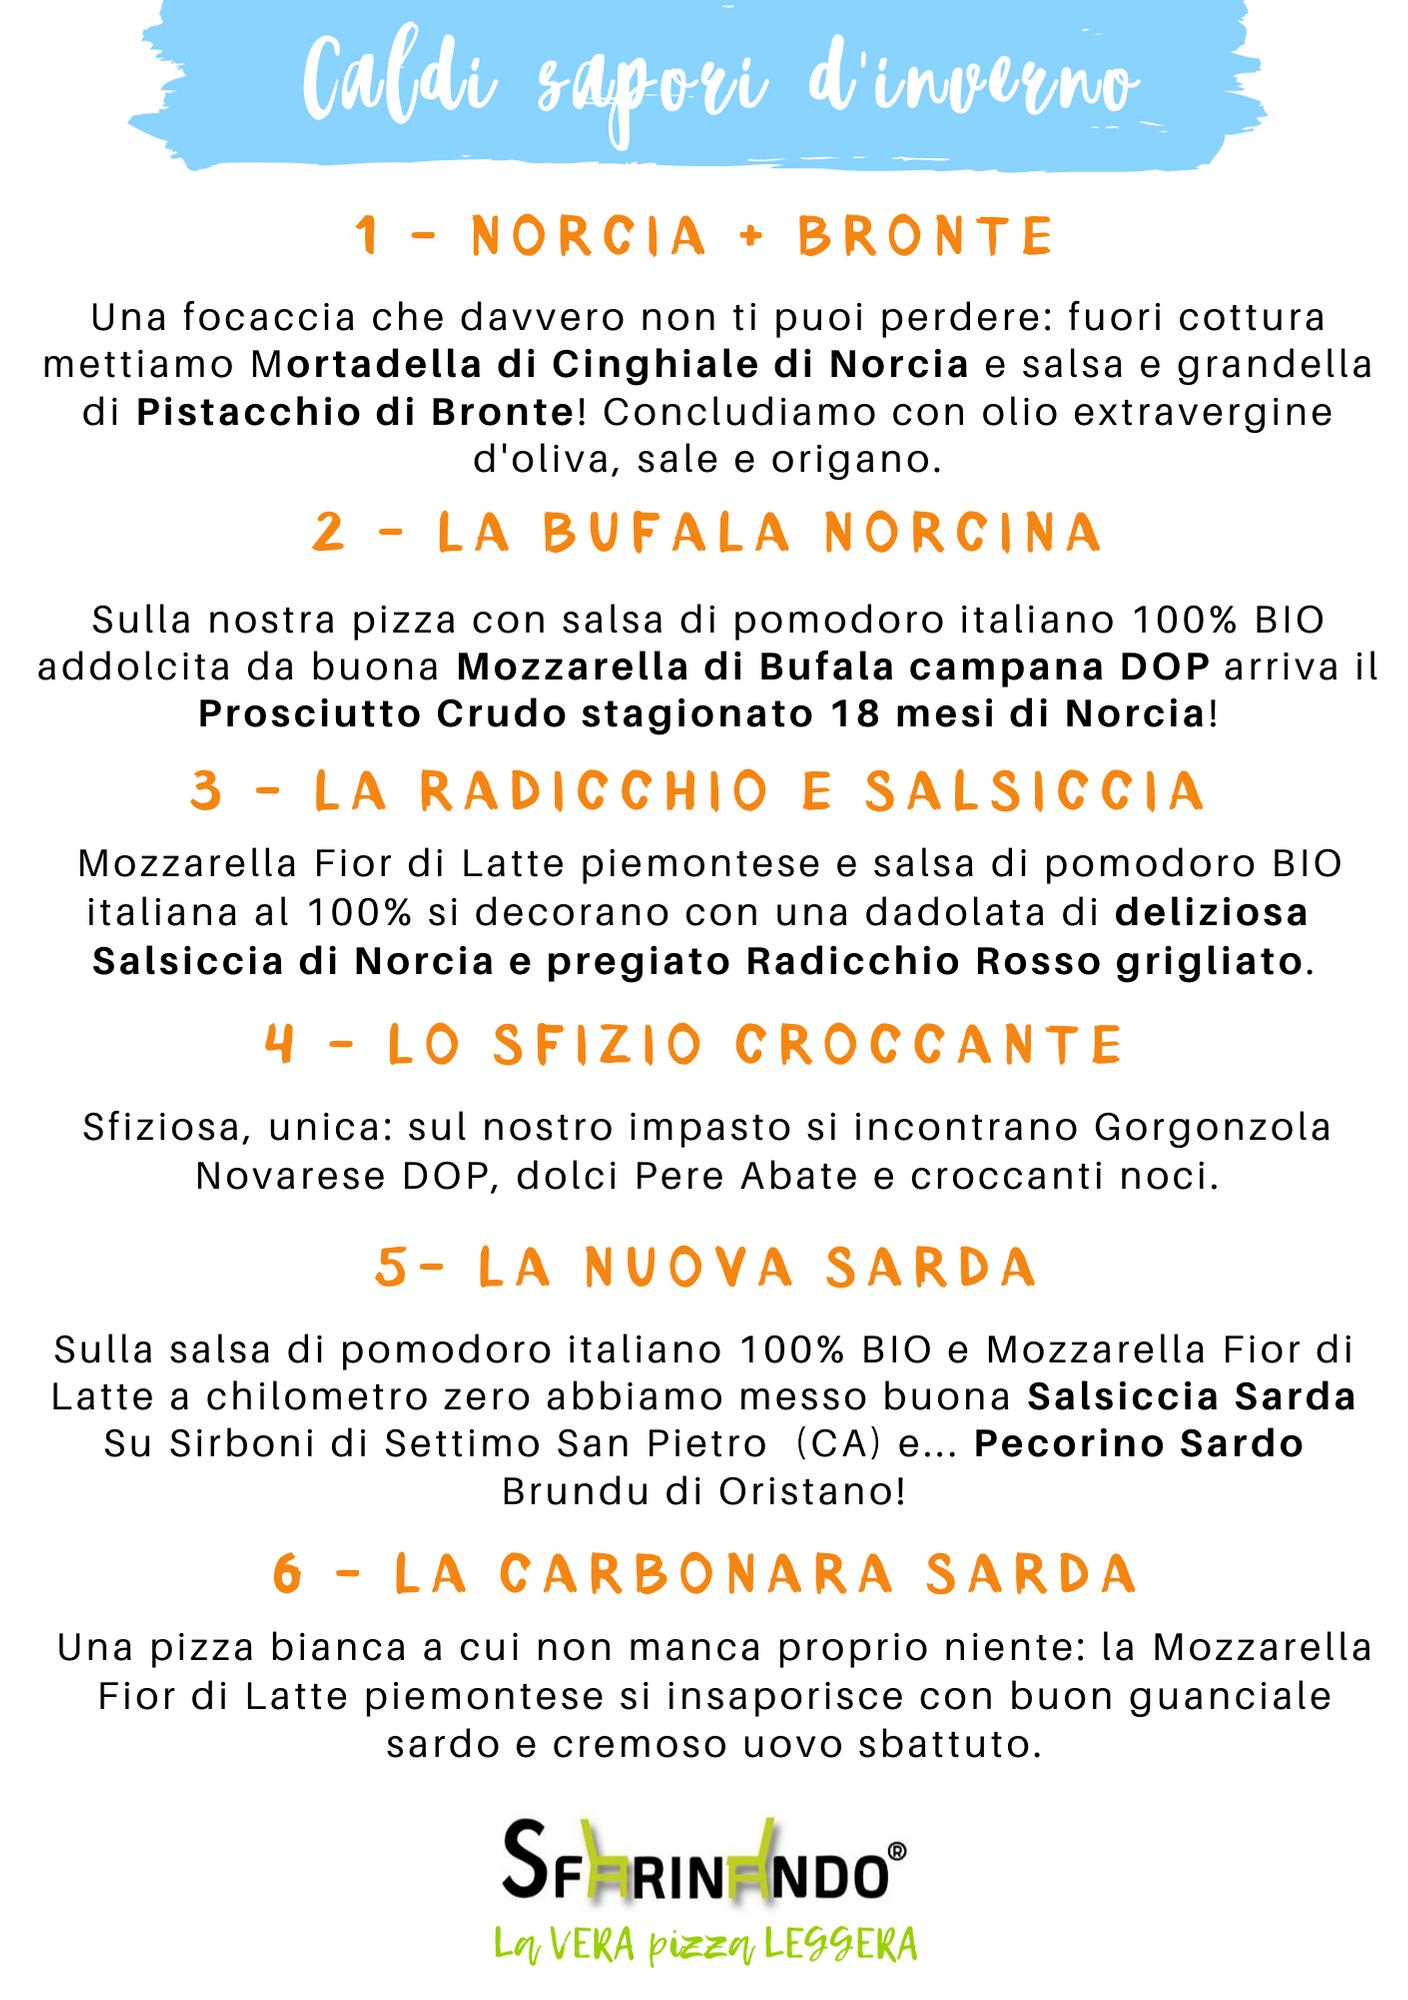 menu speciale febbraio sfarinando norcia